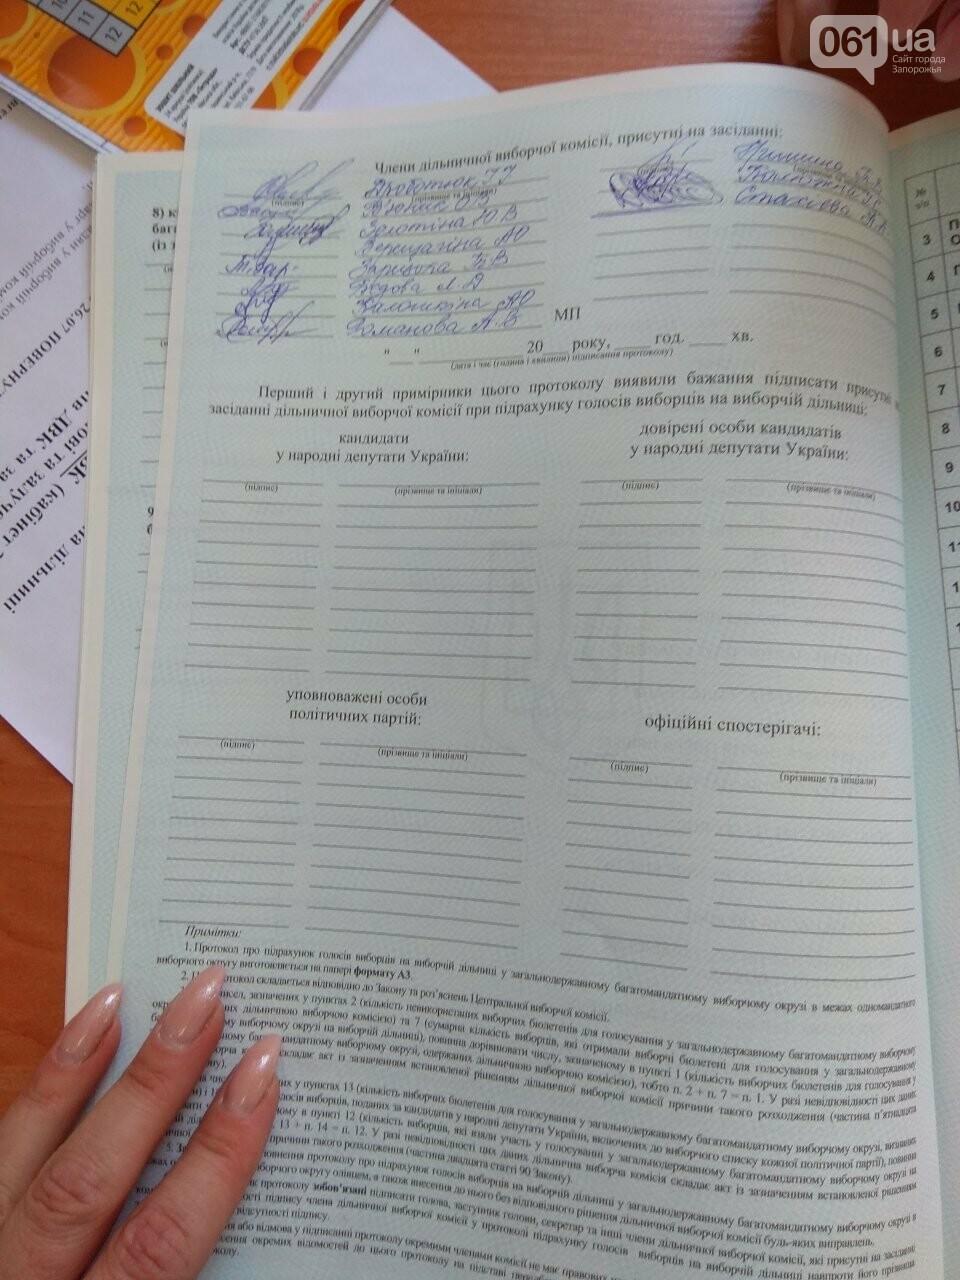 В Мелитополе открыли уголовное дело по факту фальсификации избирательных документов, фото-1